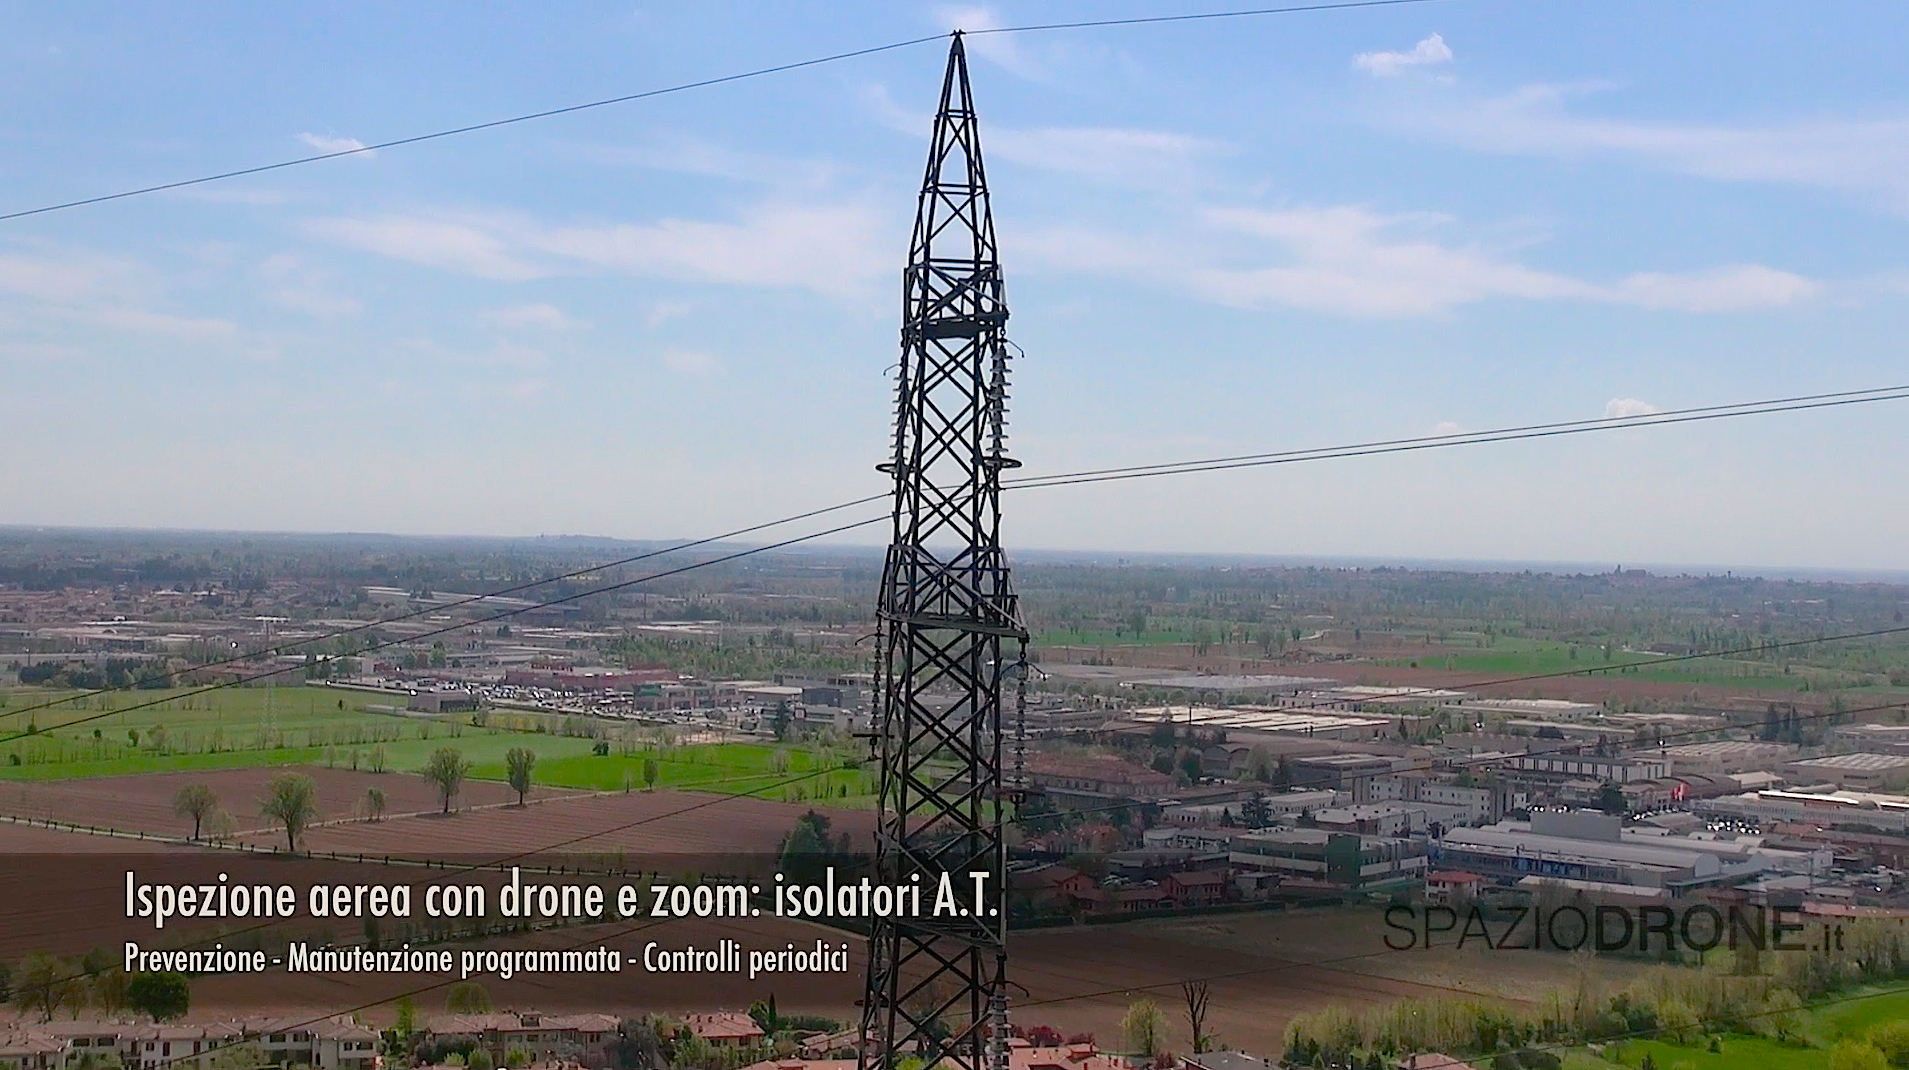 drone ispezioni tralicci isolatori